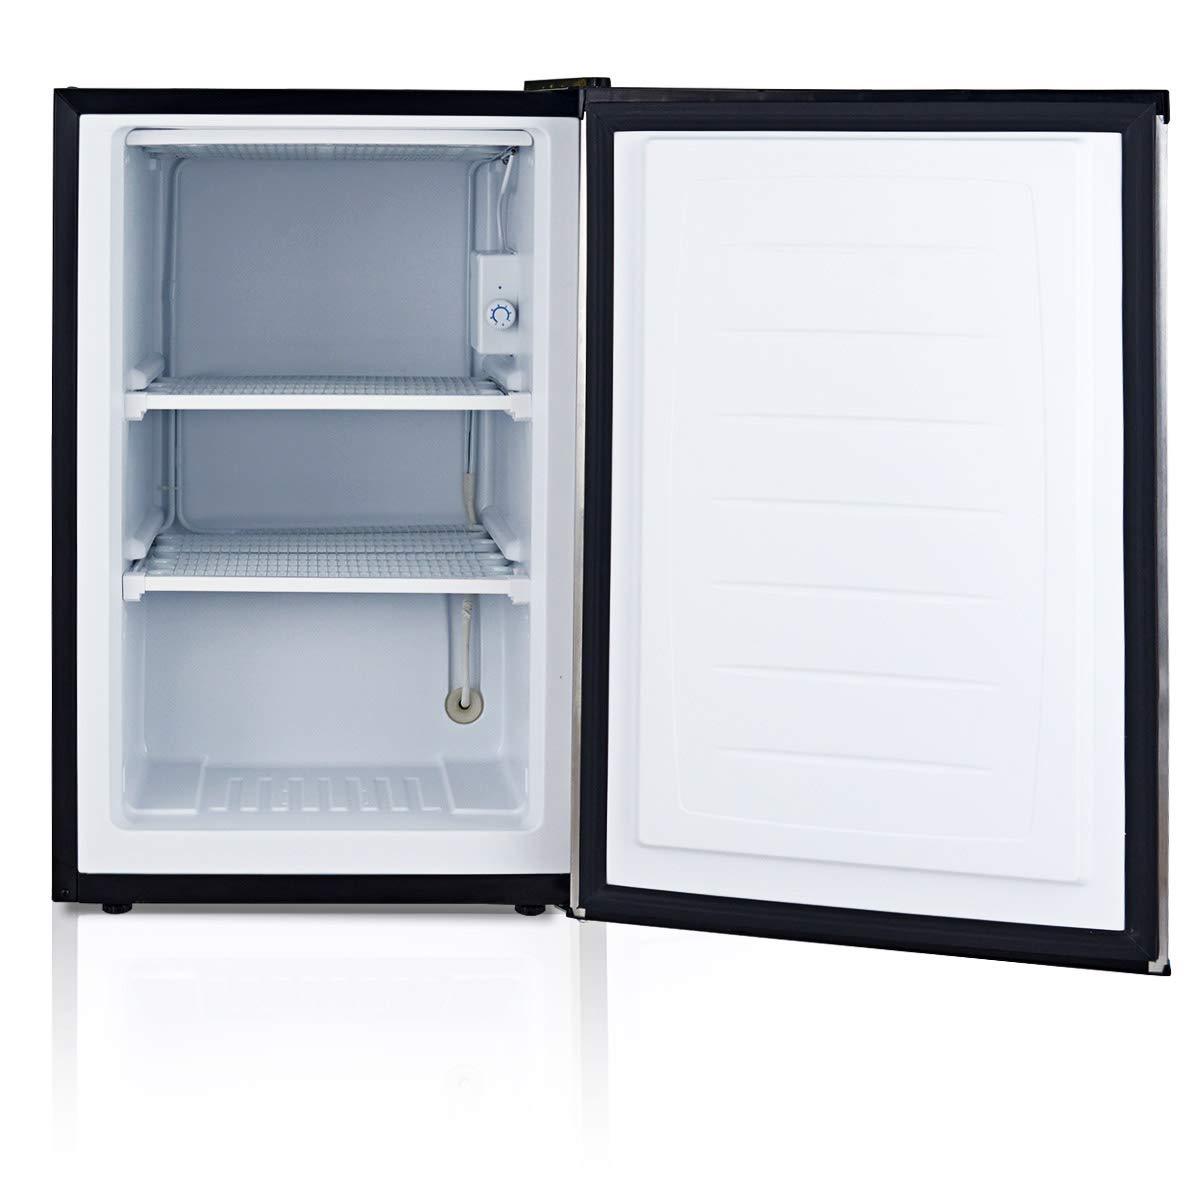 COSTWAY Compact Single Door Upright Freezer - Mini Size with Stainless Steel Door - 3.0 CU FT Capacity - Adjustable by COSTWAY (Image #6)